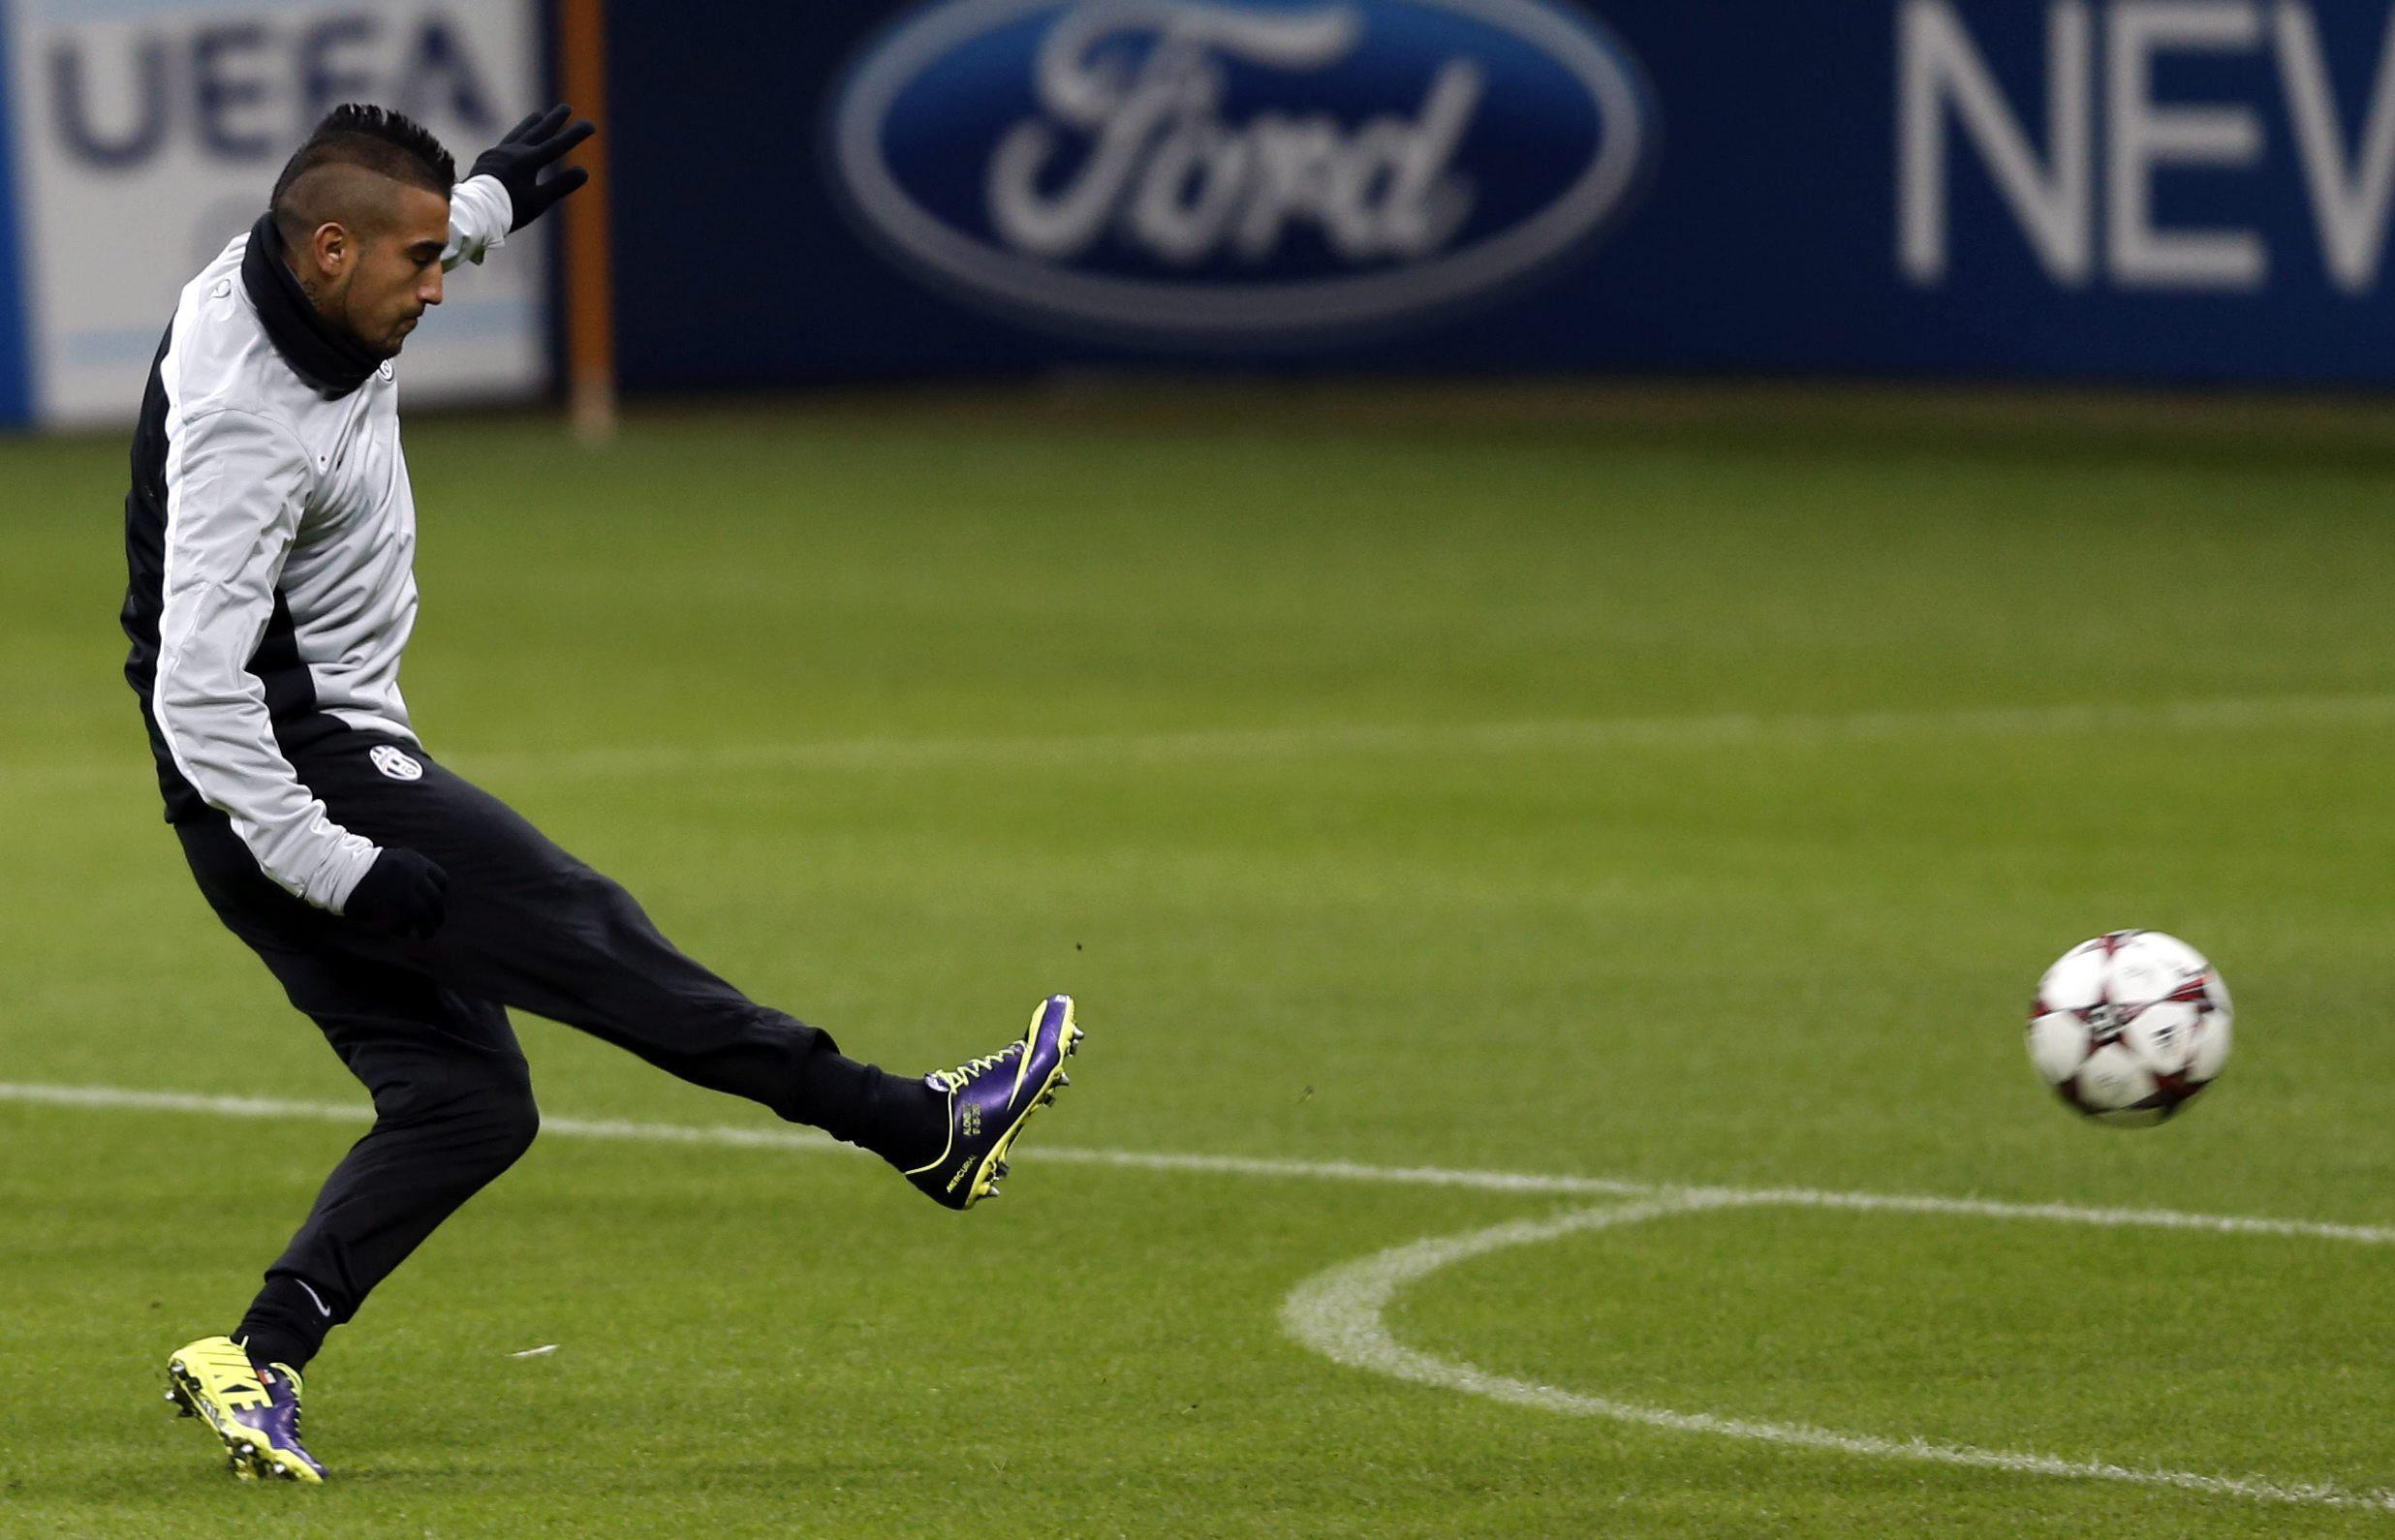 El chileno Arturo Vidal quiere ganar el Balón de Oro del próximo 2014